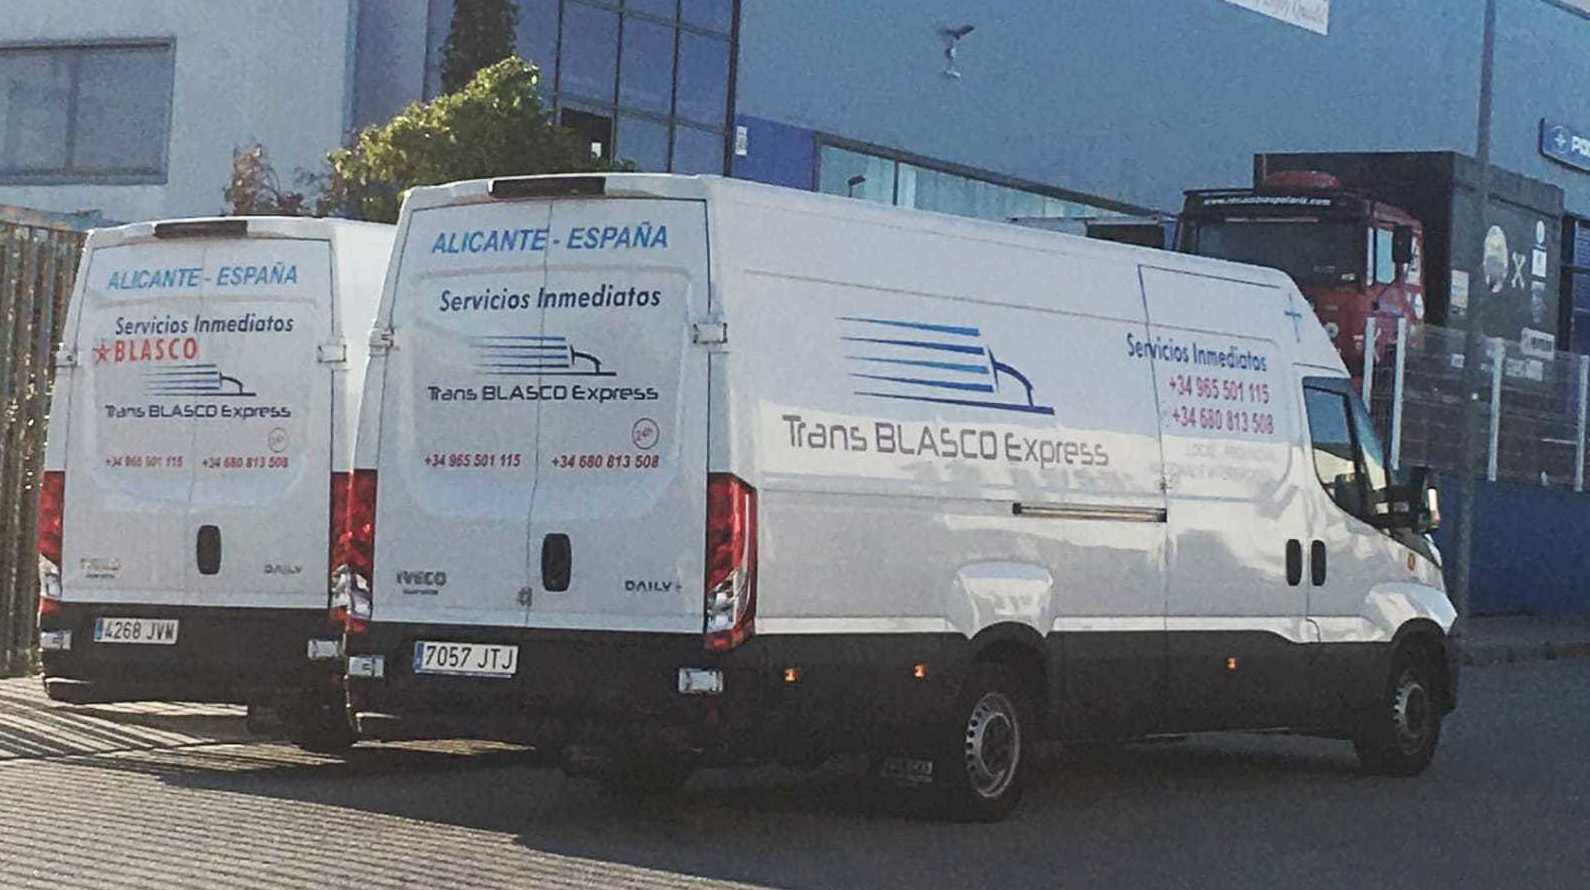 Foto 7 de Agencias de transporte en Alicante | Trans Blasco Express, S.L.